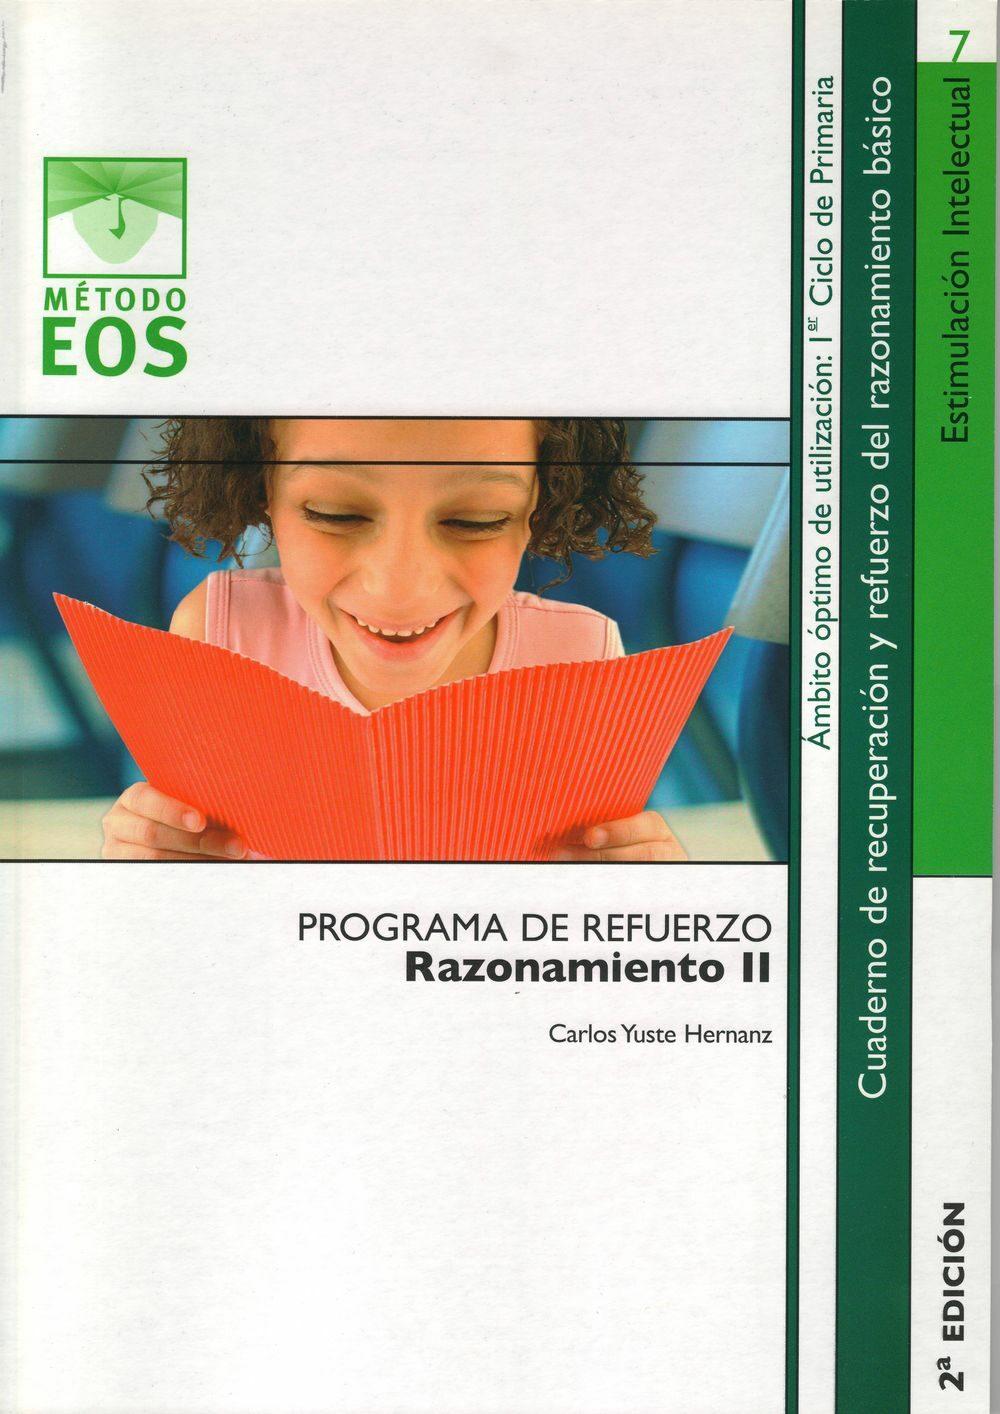 Programa De Refuerzo: Razonamiento Ii (1º Ciclo De Primaria) (2ª Ed.) por Carlos Yuste Hernanz epub